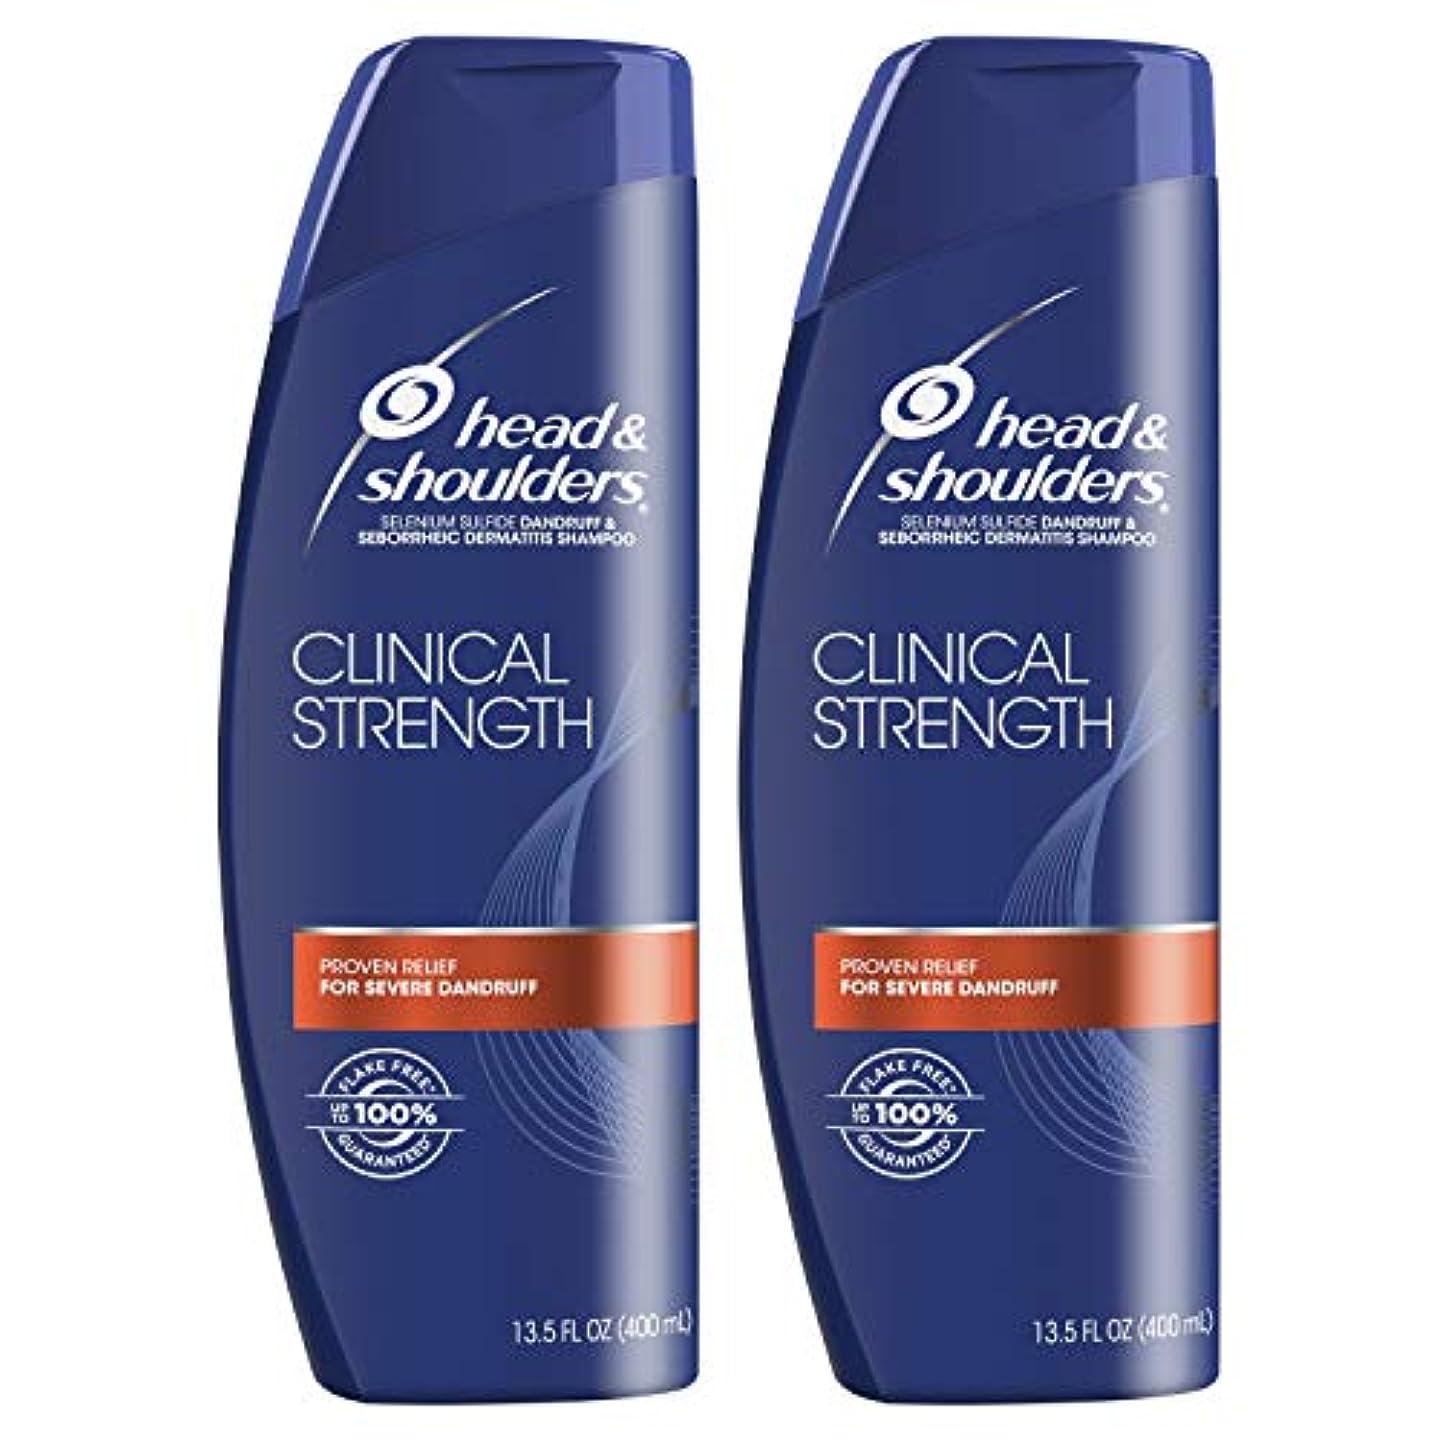 運動するバッグセイはさておきHead and Shoulders Clinical Strength Dandruff and Seborrheic Dermatitisシャンプー、13.5 FL OZ